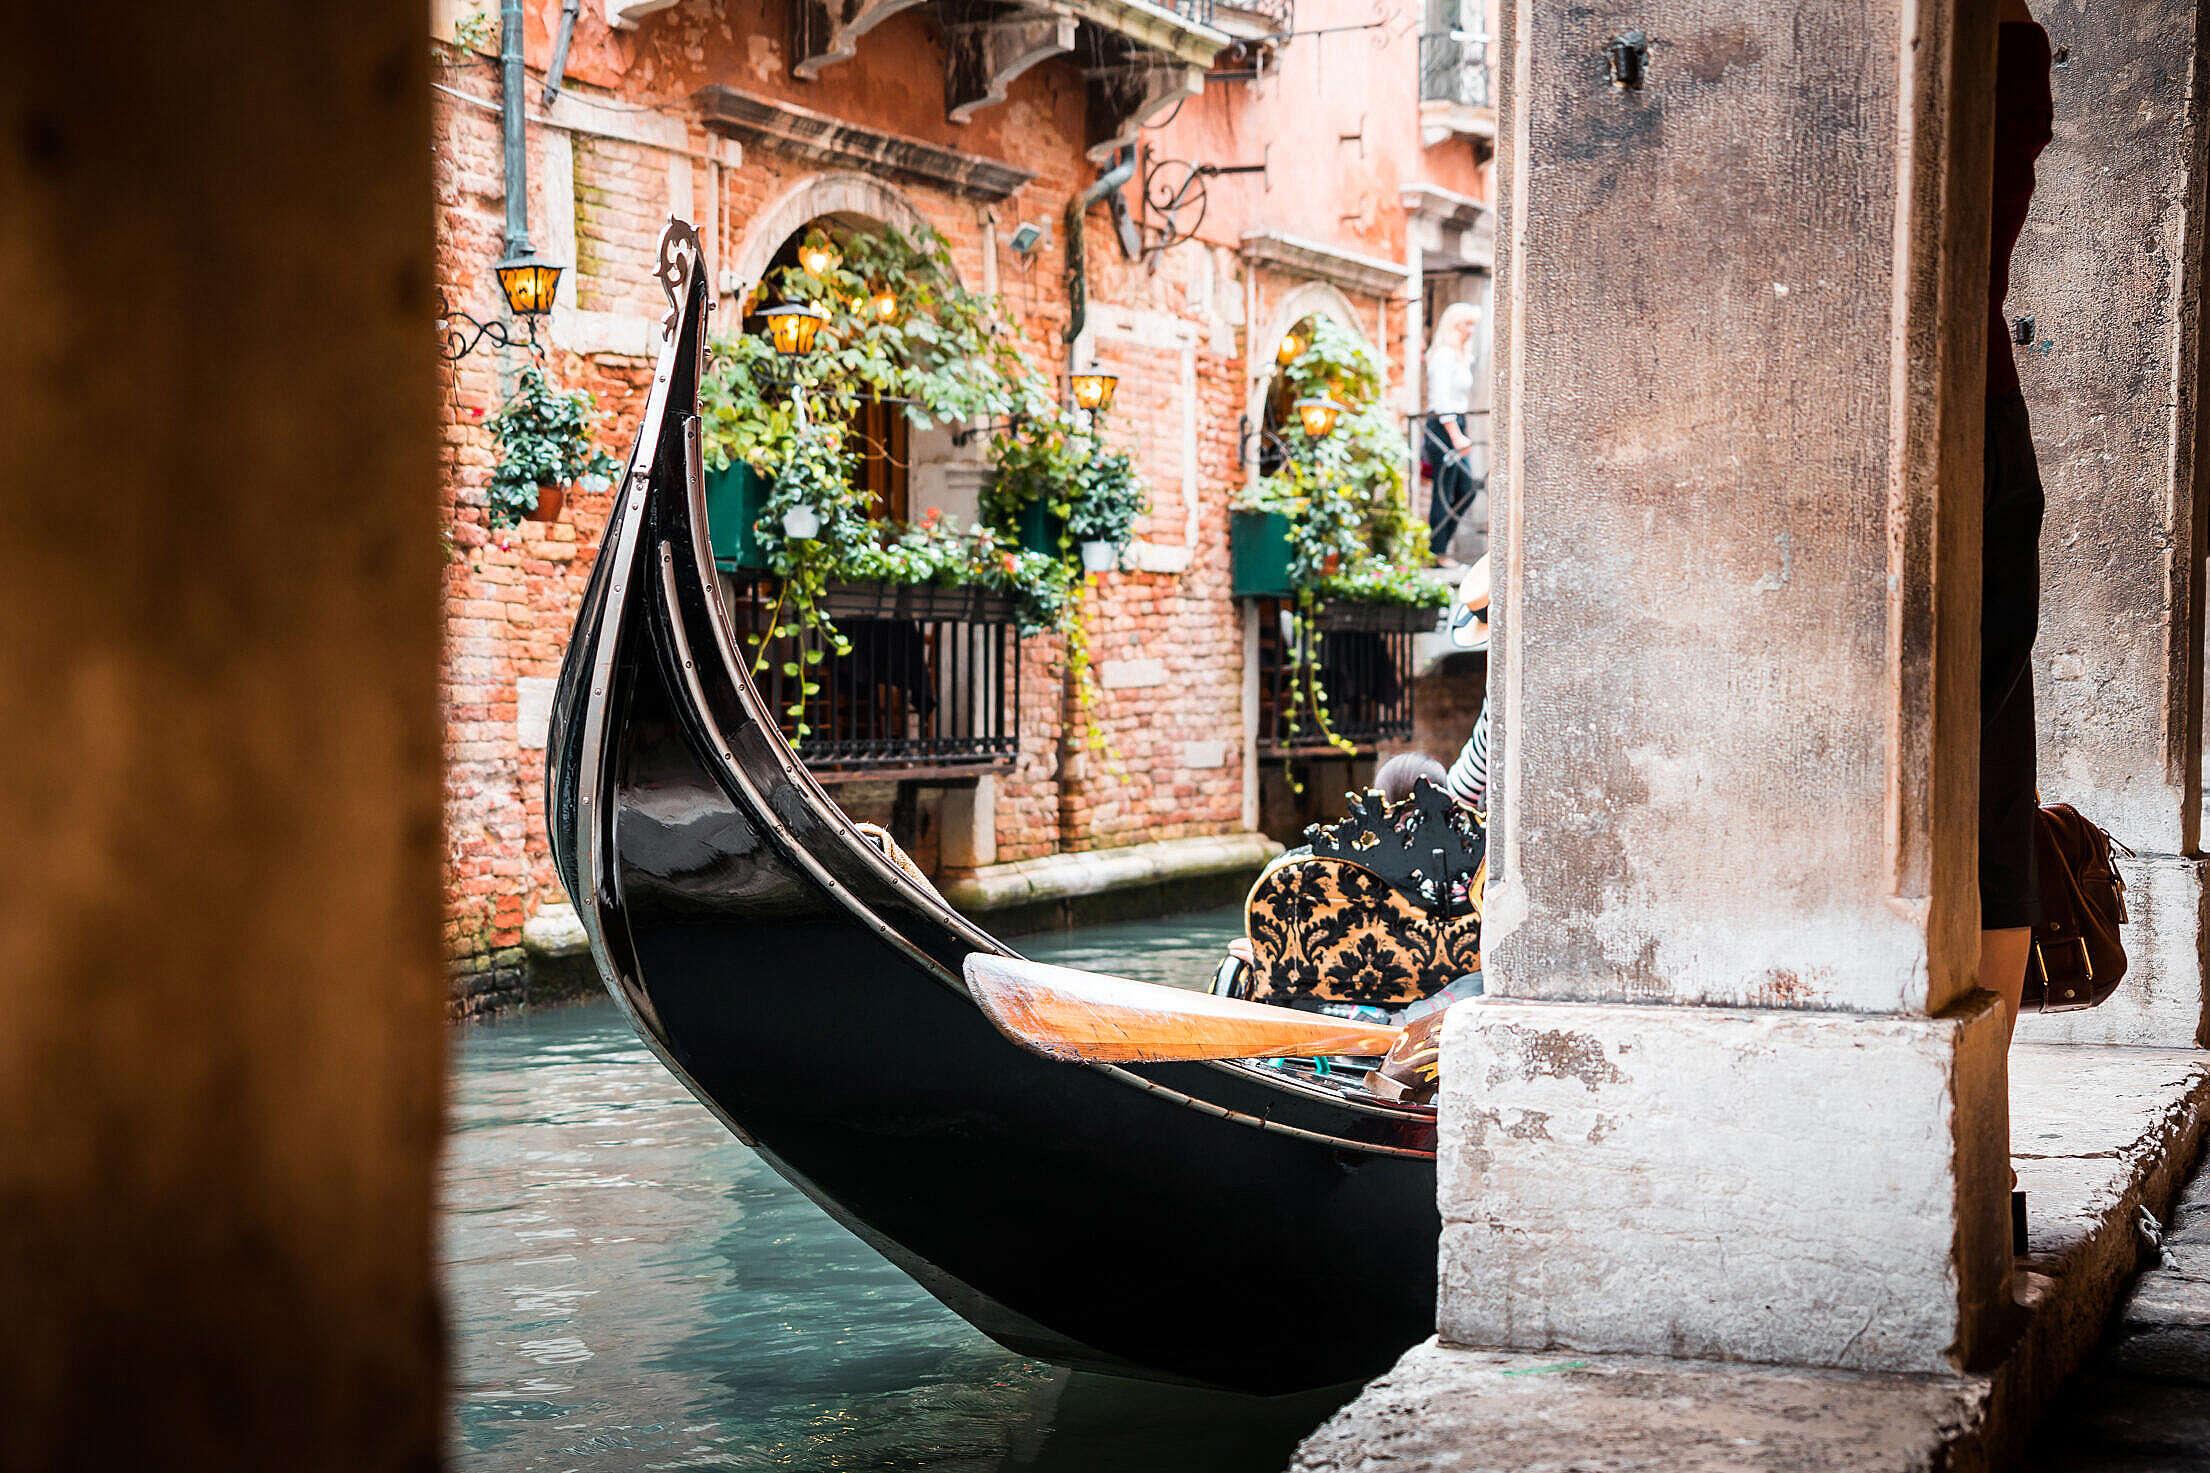 Venice Gondola, Italy Free Stock Photo